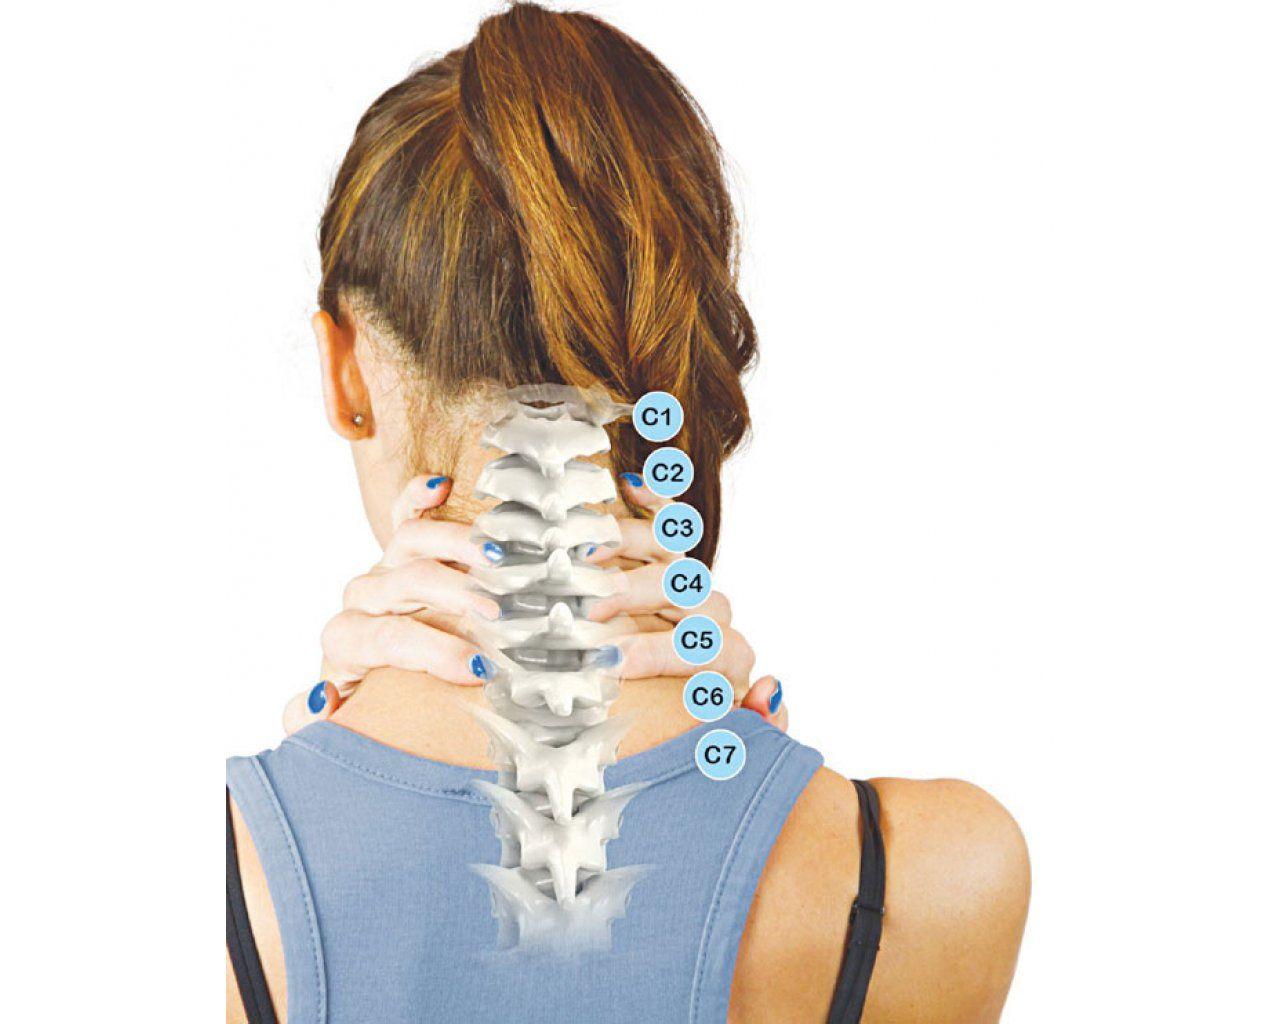 Đau khi vận động là triệu chứng của gai cột sống